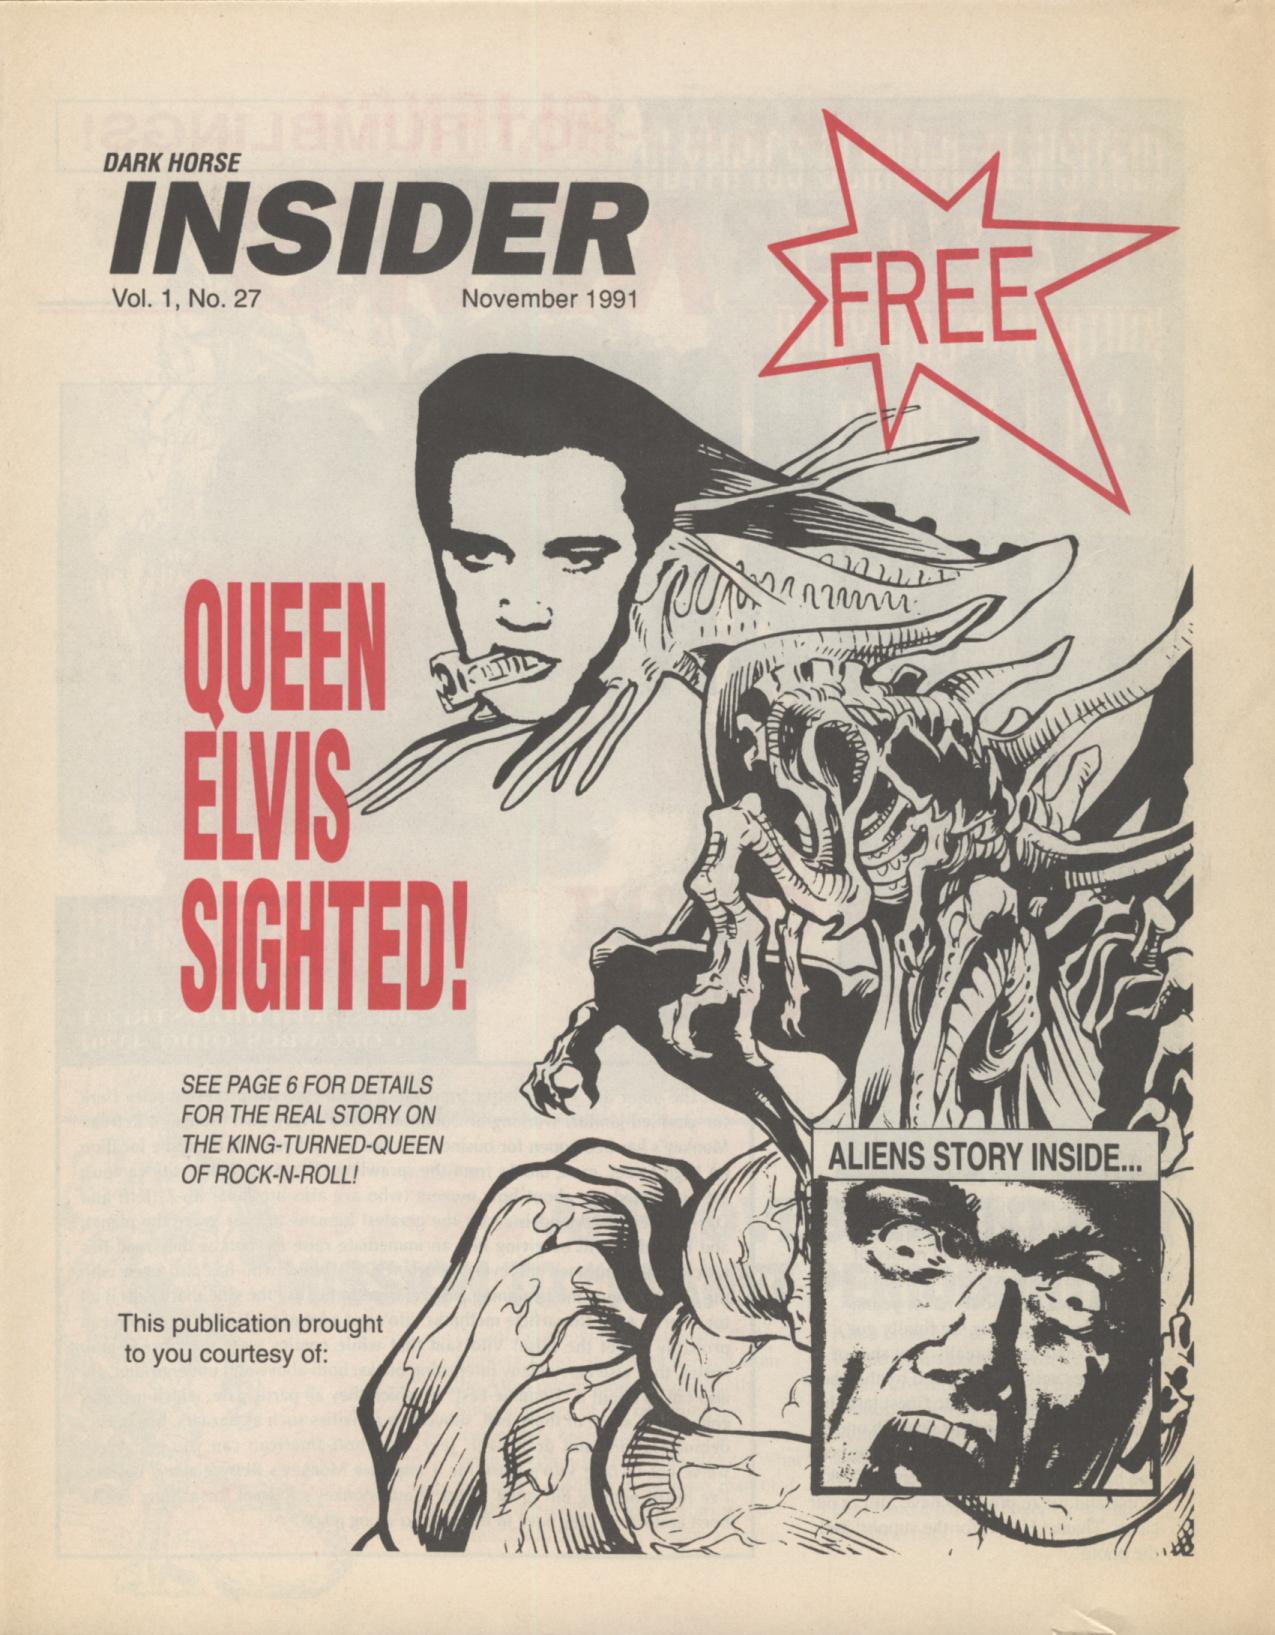 Time Capsule: Dark Horse Insider November 1991